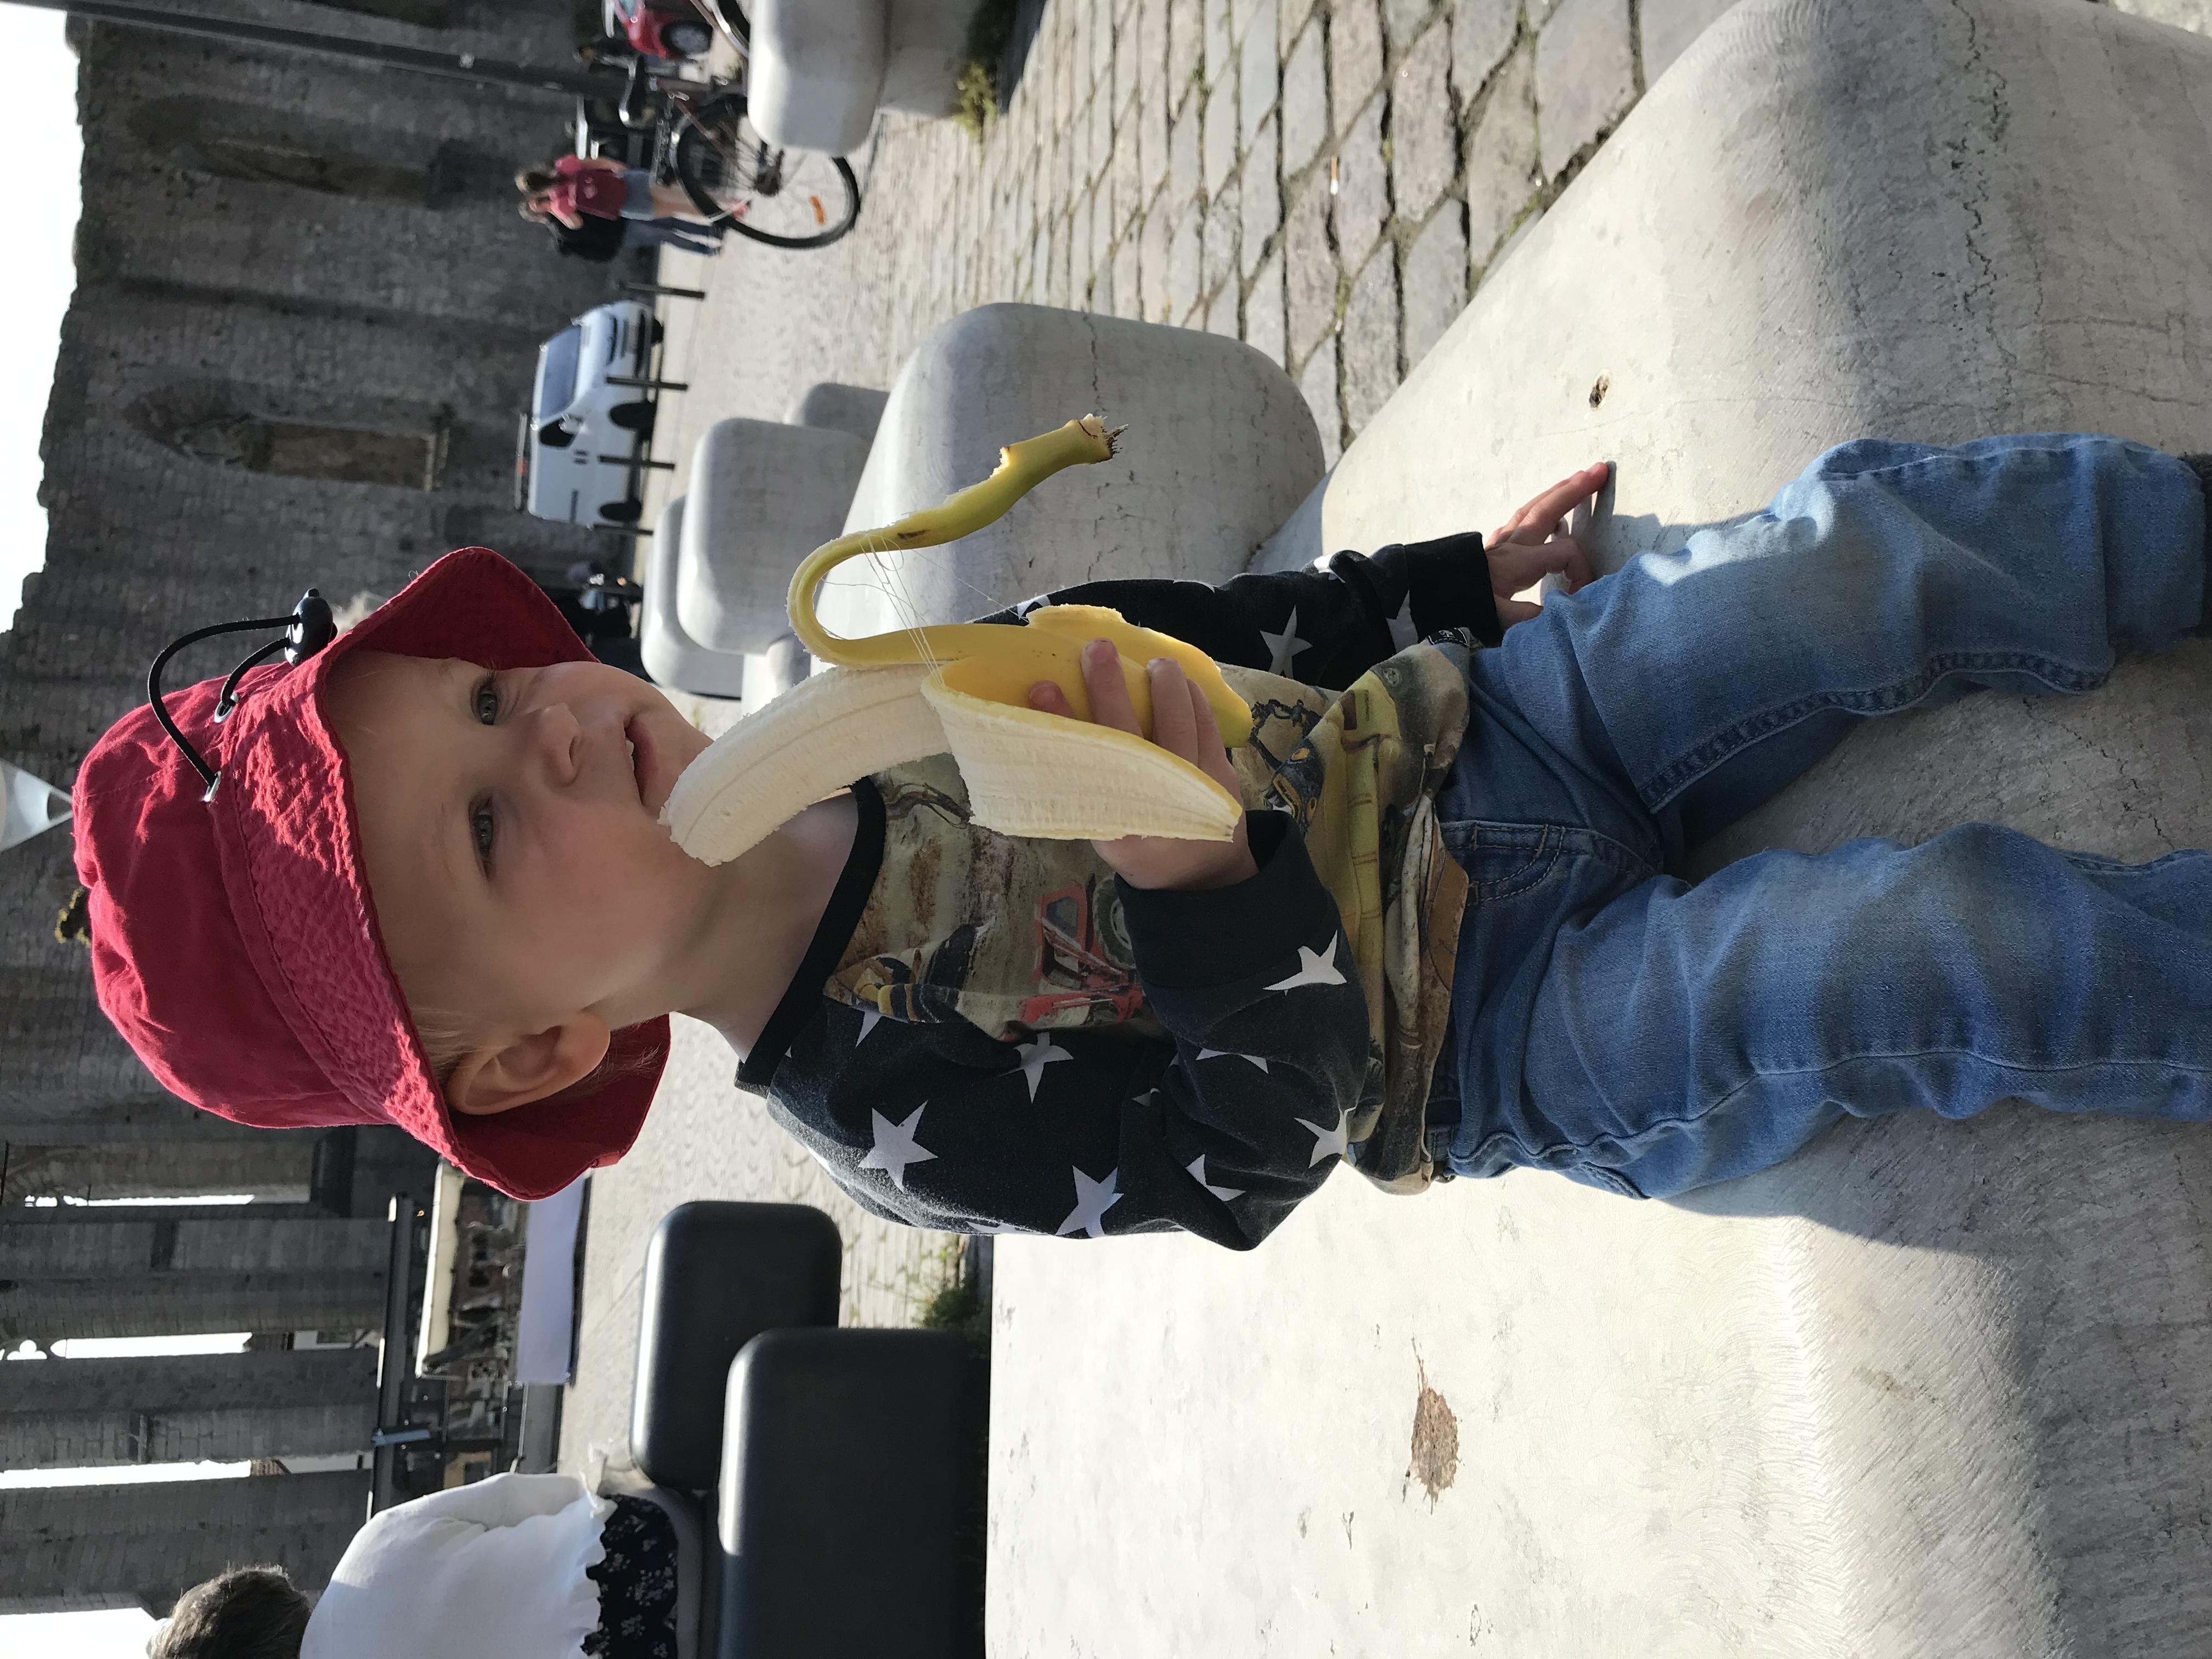 Lillebror jr. äter banan i solhatt